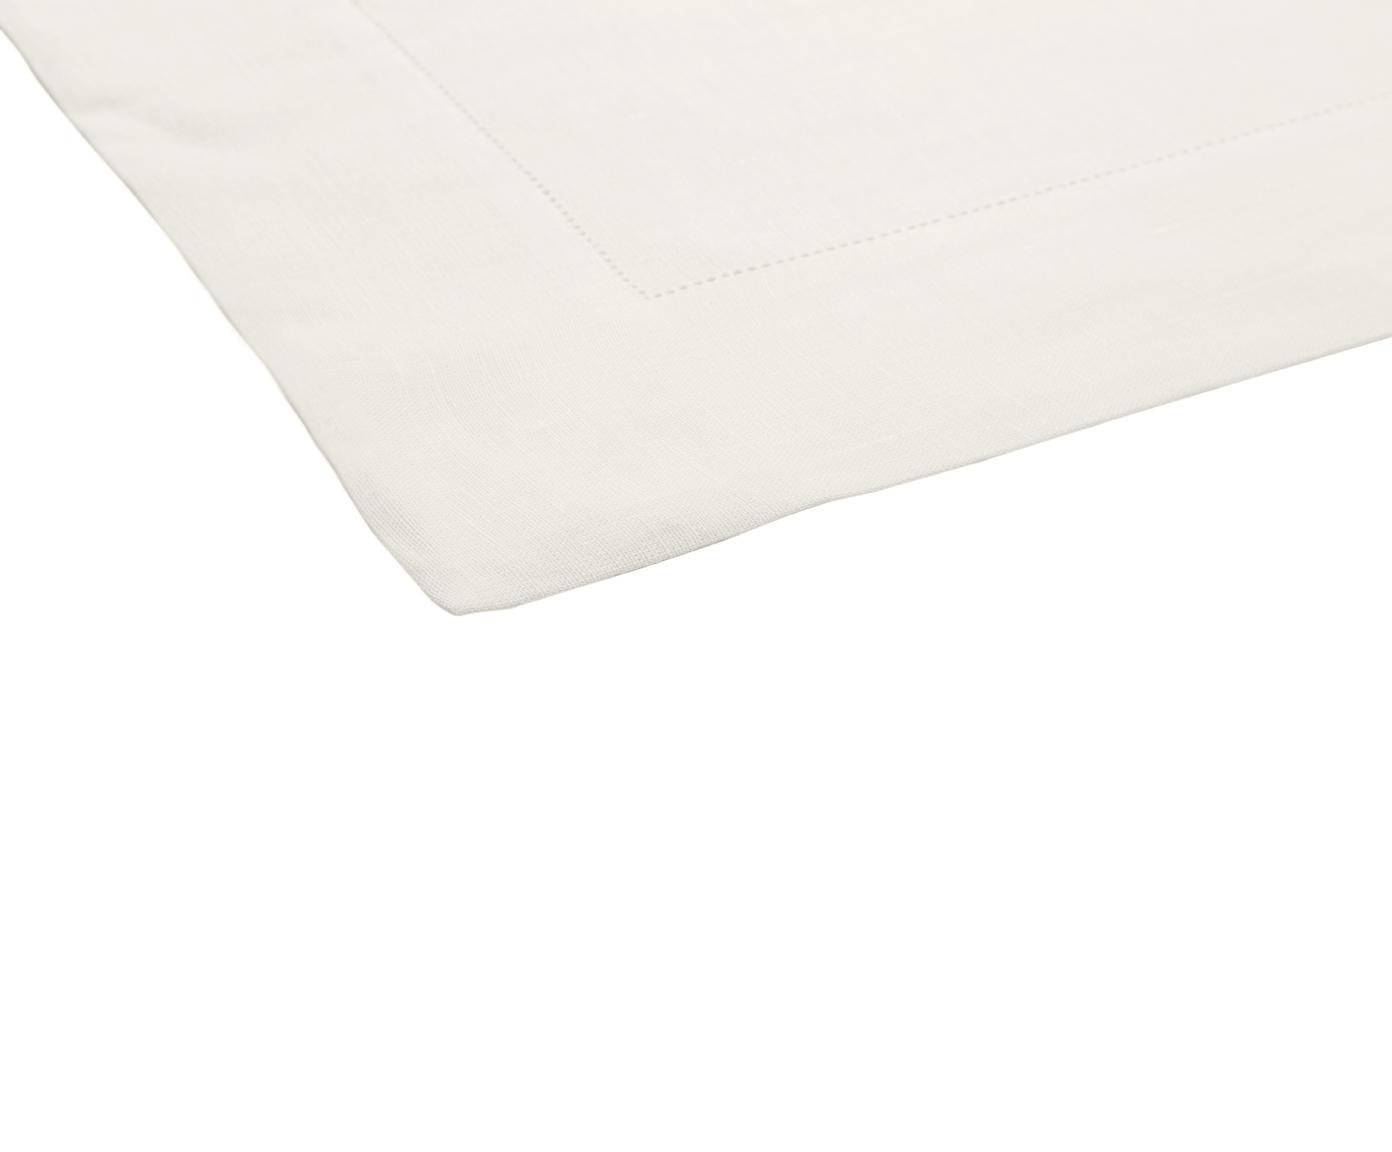 Tovaglia in lino con orlo a giorno Alanta, Bianco crema, Per 6-8 persone  (Larg.160 x Lung. 250 cm)